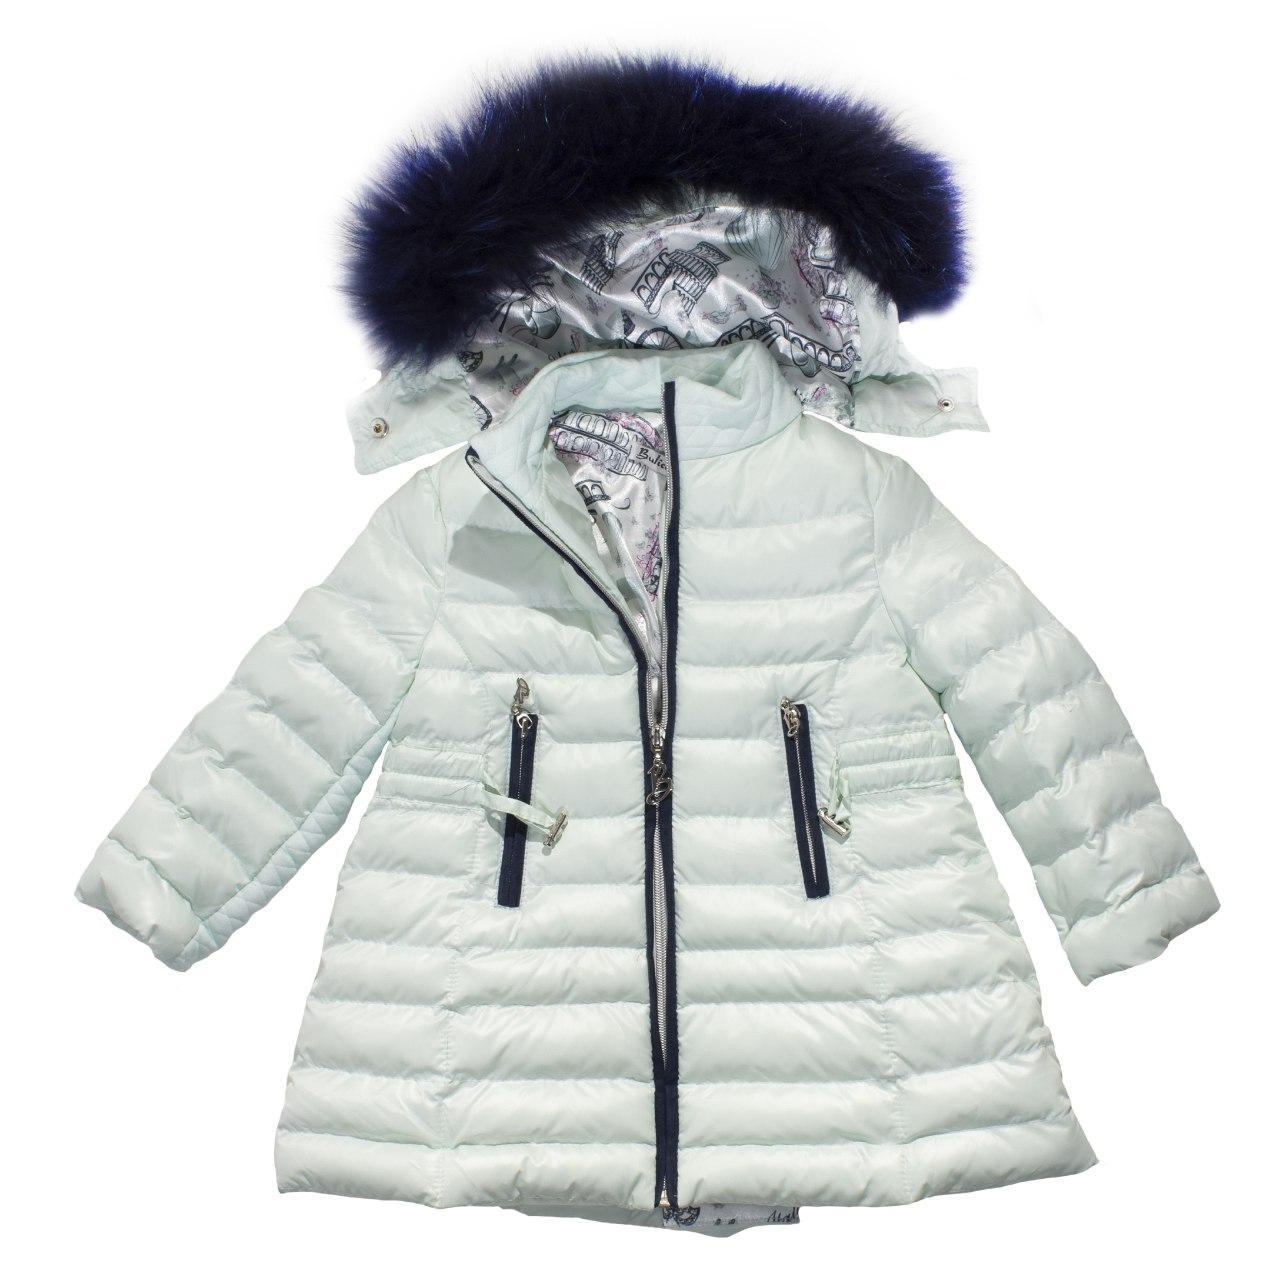 Зимний пуховик для девочки с натуральным мехом, еврозима, размер 2 года